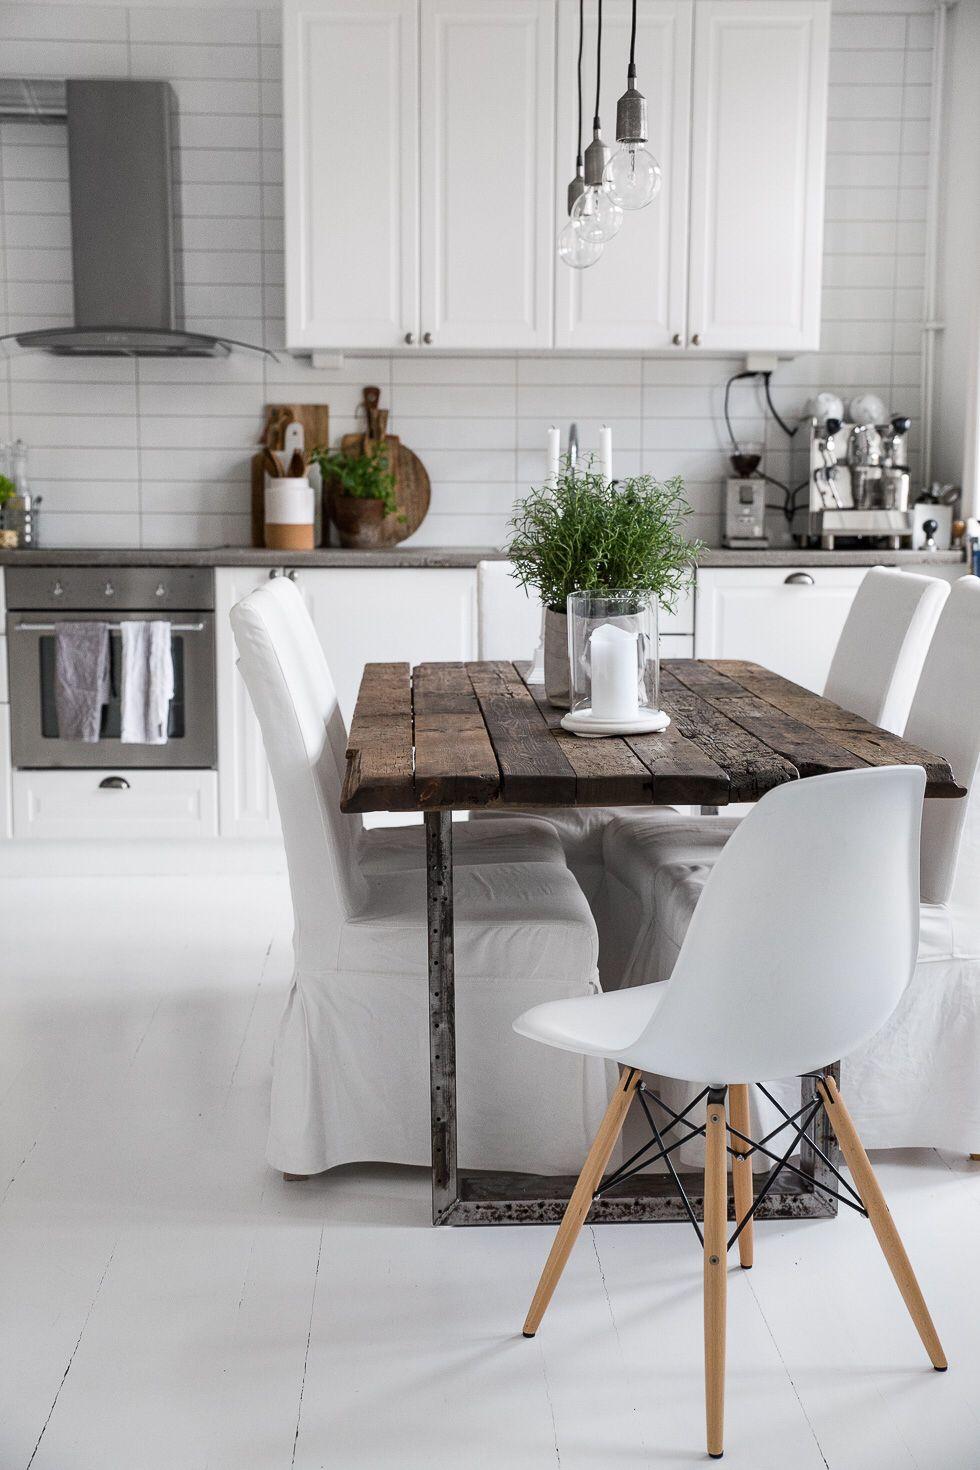 Épinglé Par Isabelle Nelson Sur Home Pinterest Immobilier La - Deco jardin pinterest pour idees de deco de cuisine